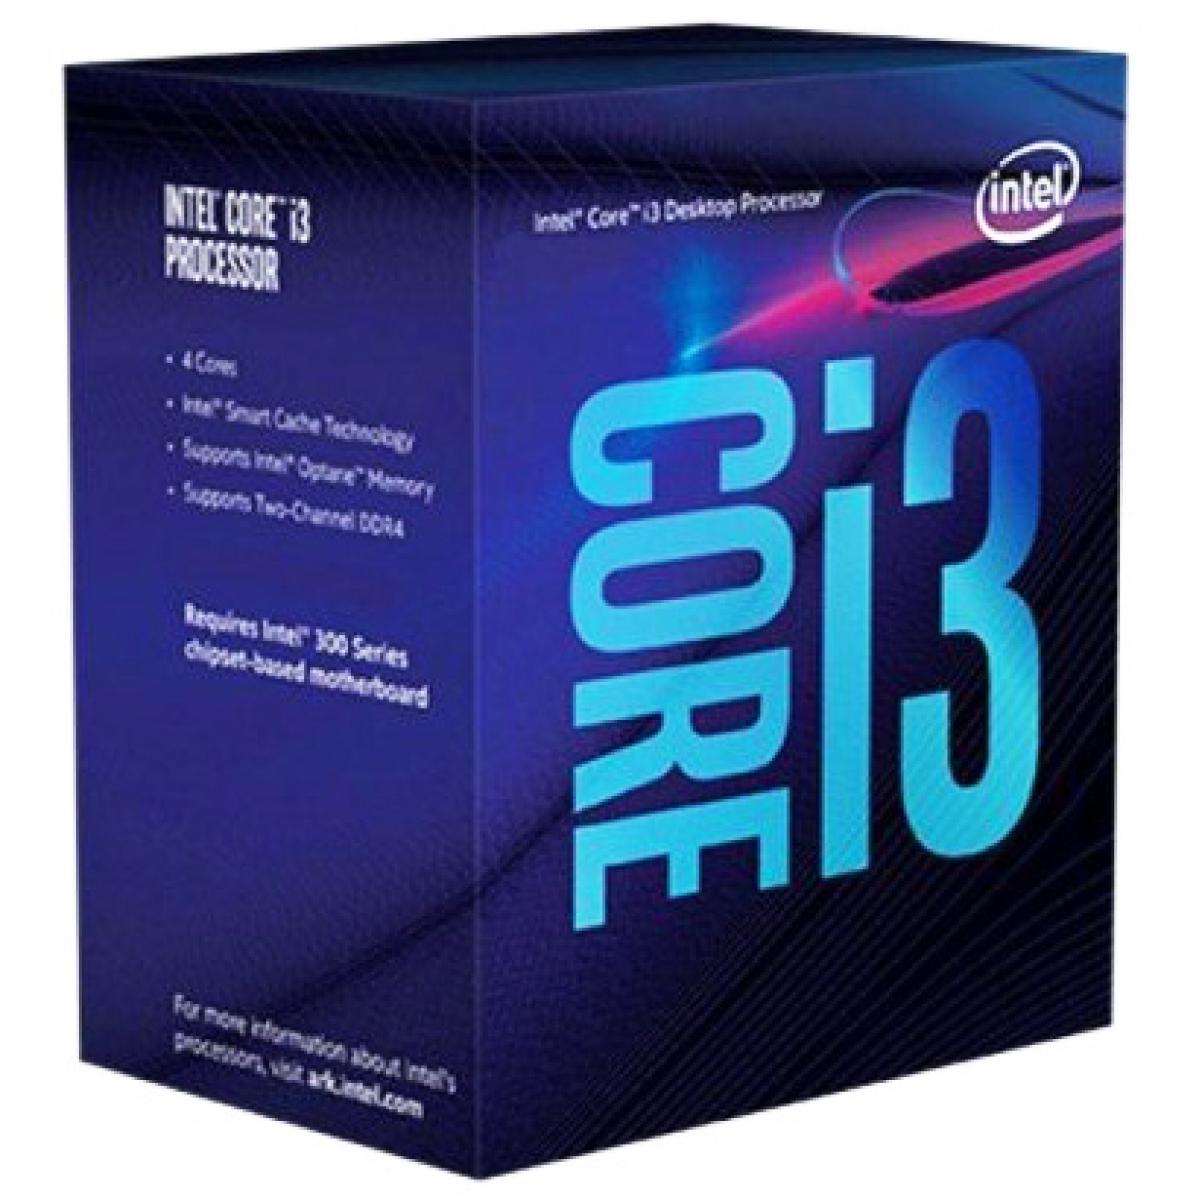 Processador Intel Core i3 9100F 3.6GHz (4.2GHz Turbo), 9ª Geração, 4-Core 4-Thread, LGA 1151, BX80684I39100F